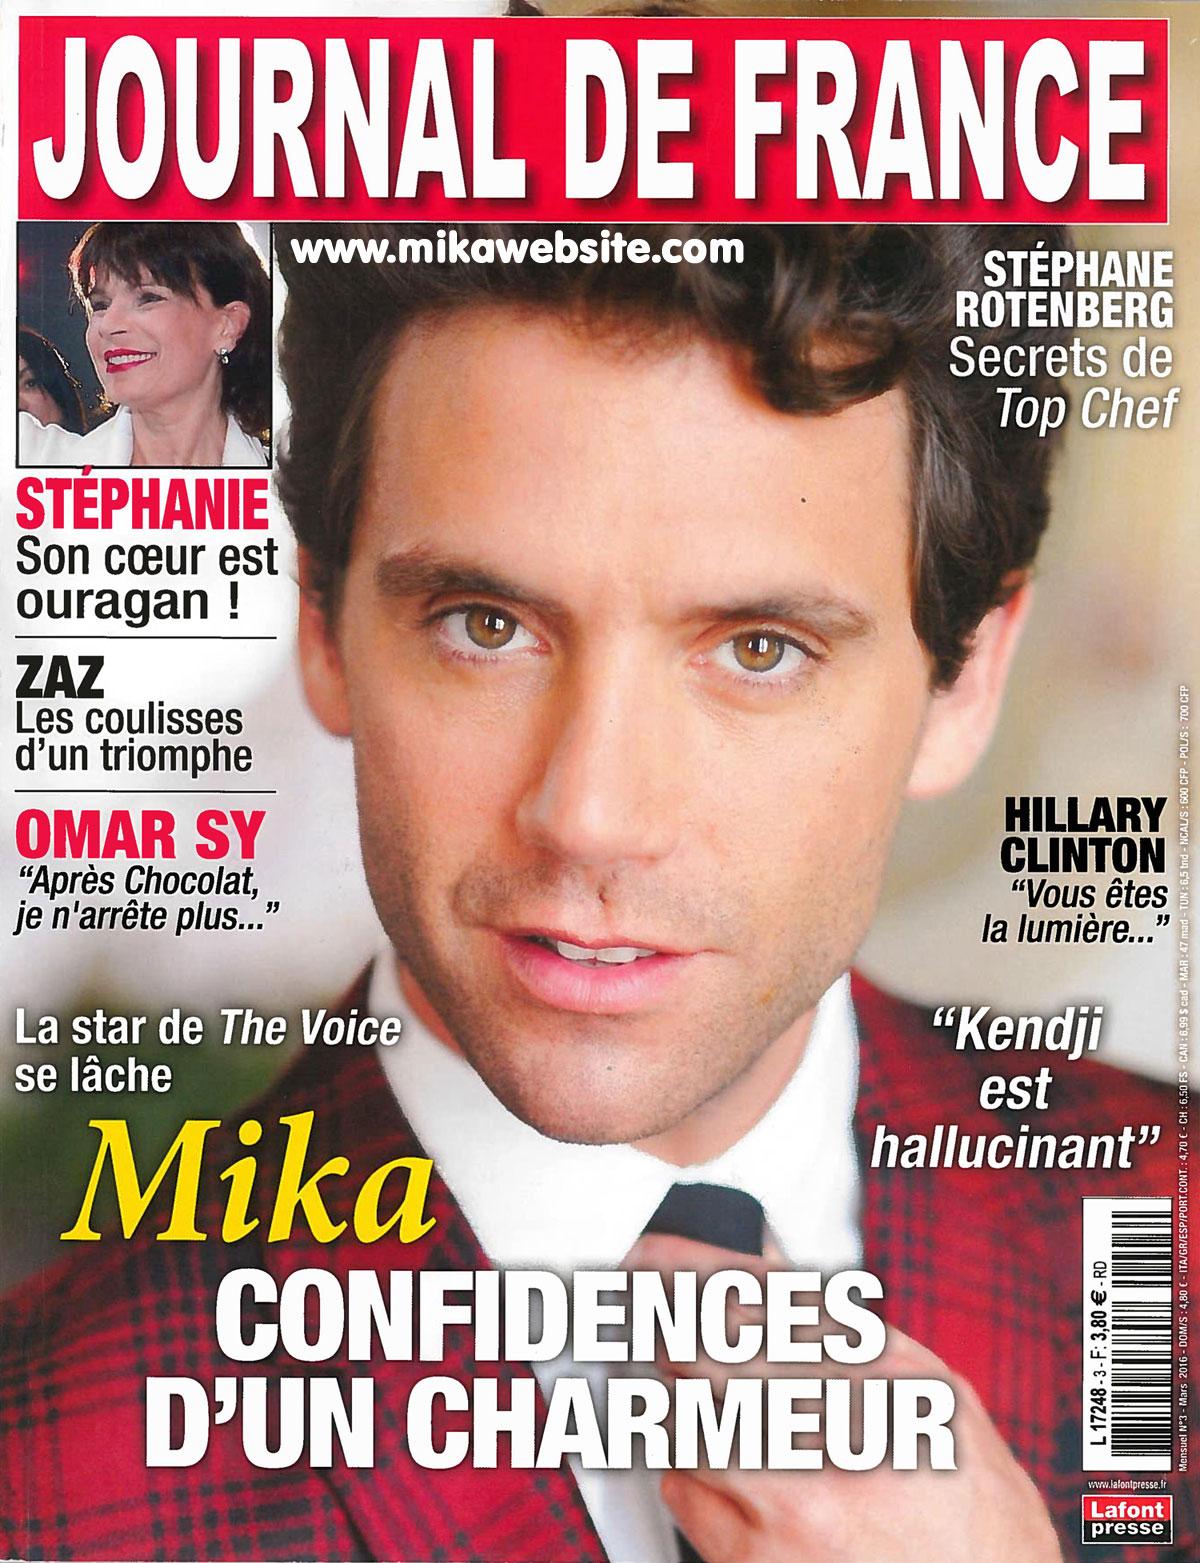 mika la une du magazine journal de france mika mikawebsite com le 1er site sur mika. Black Bedroom Furniture Sets. Home Design Ideas